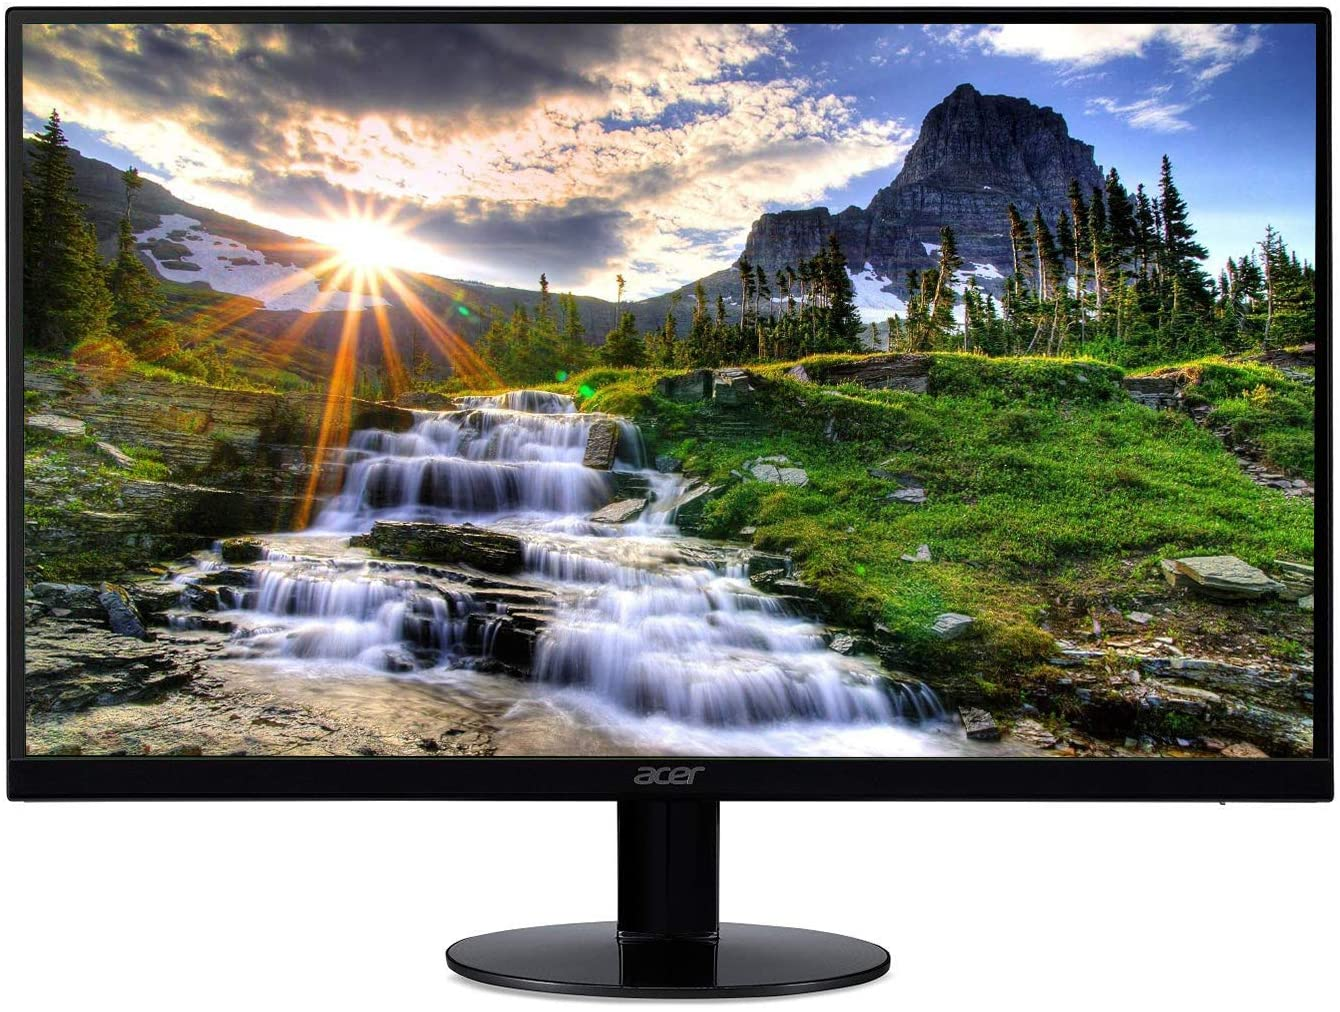 Acer SB220Q monitor